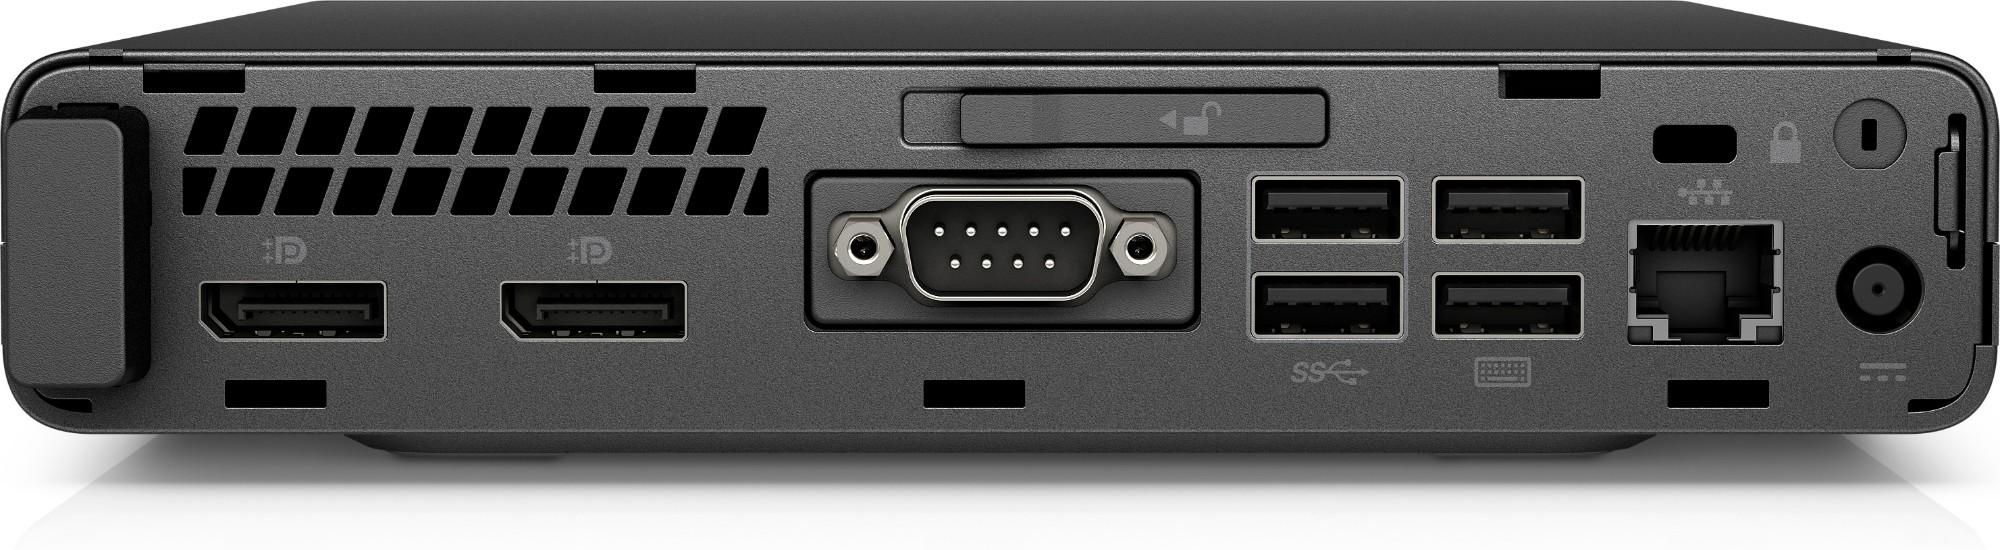 HP ProDesk 600 G3 2 70 GHz 7th gen Intel® Core™ i5 i5-7500T Black,Silver  Mini PC